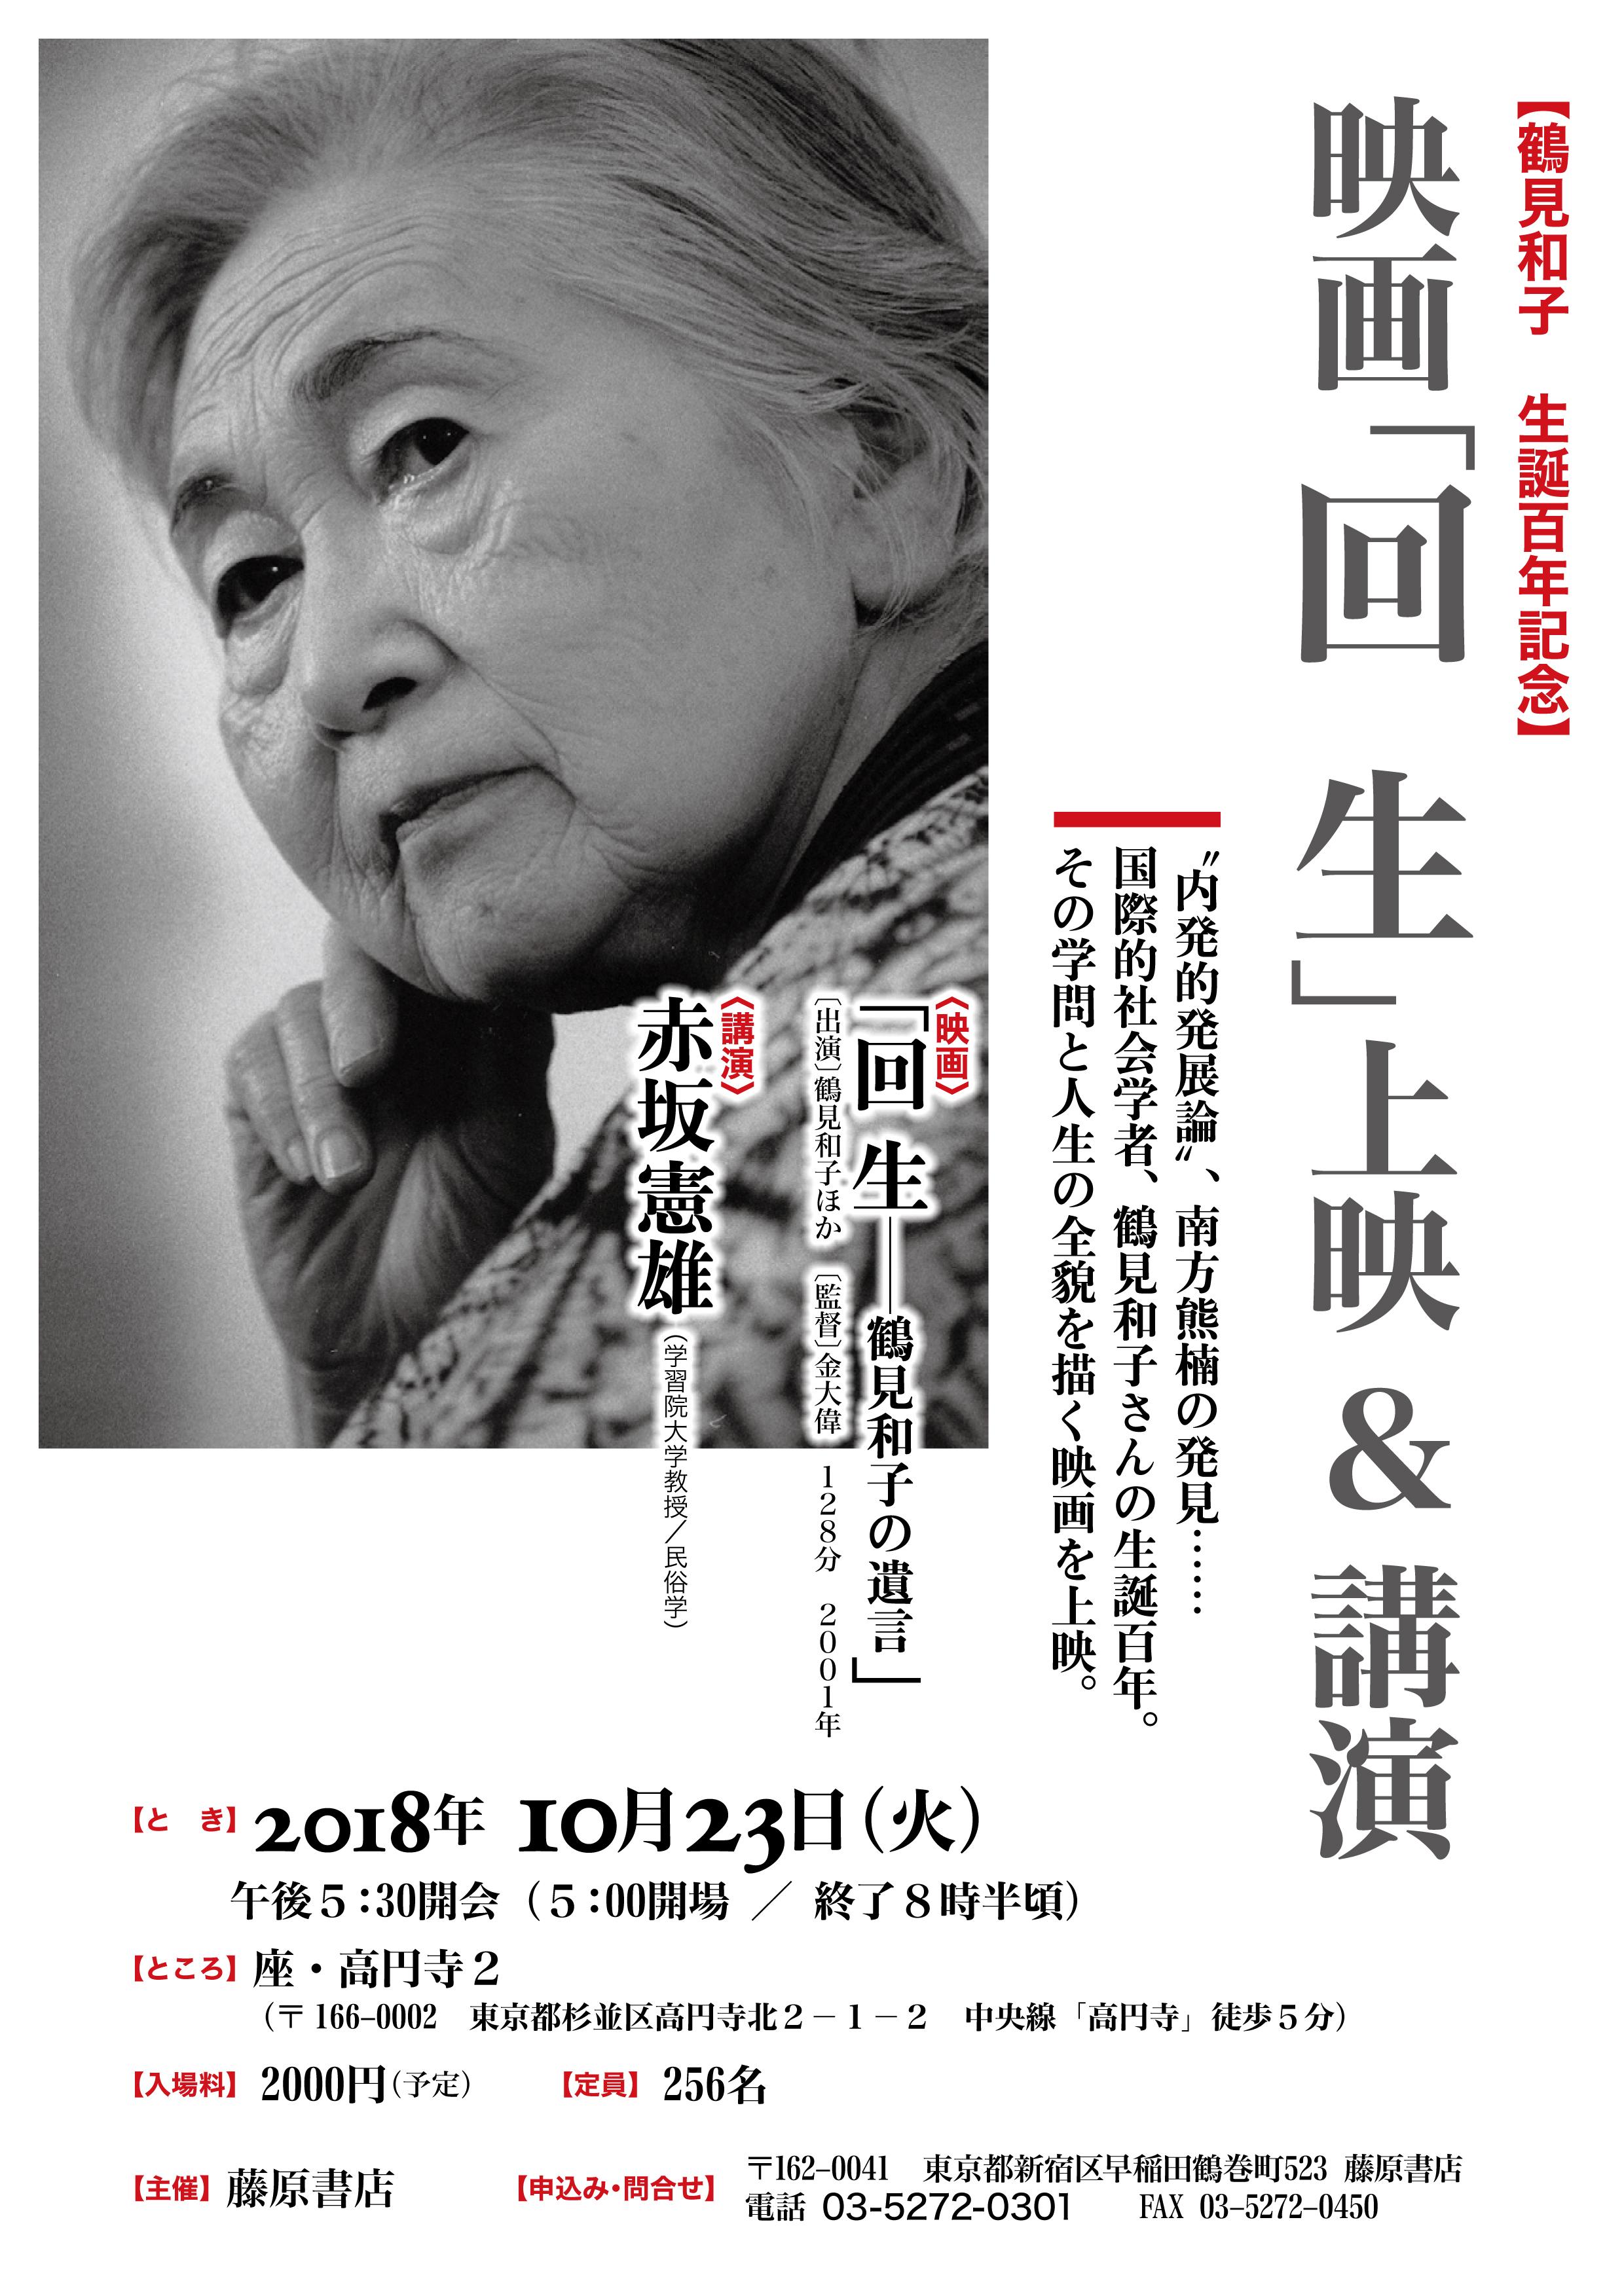 鶴見和子映画「回生」上映会